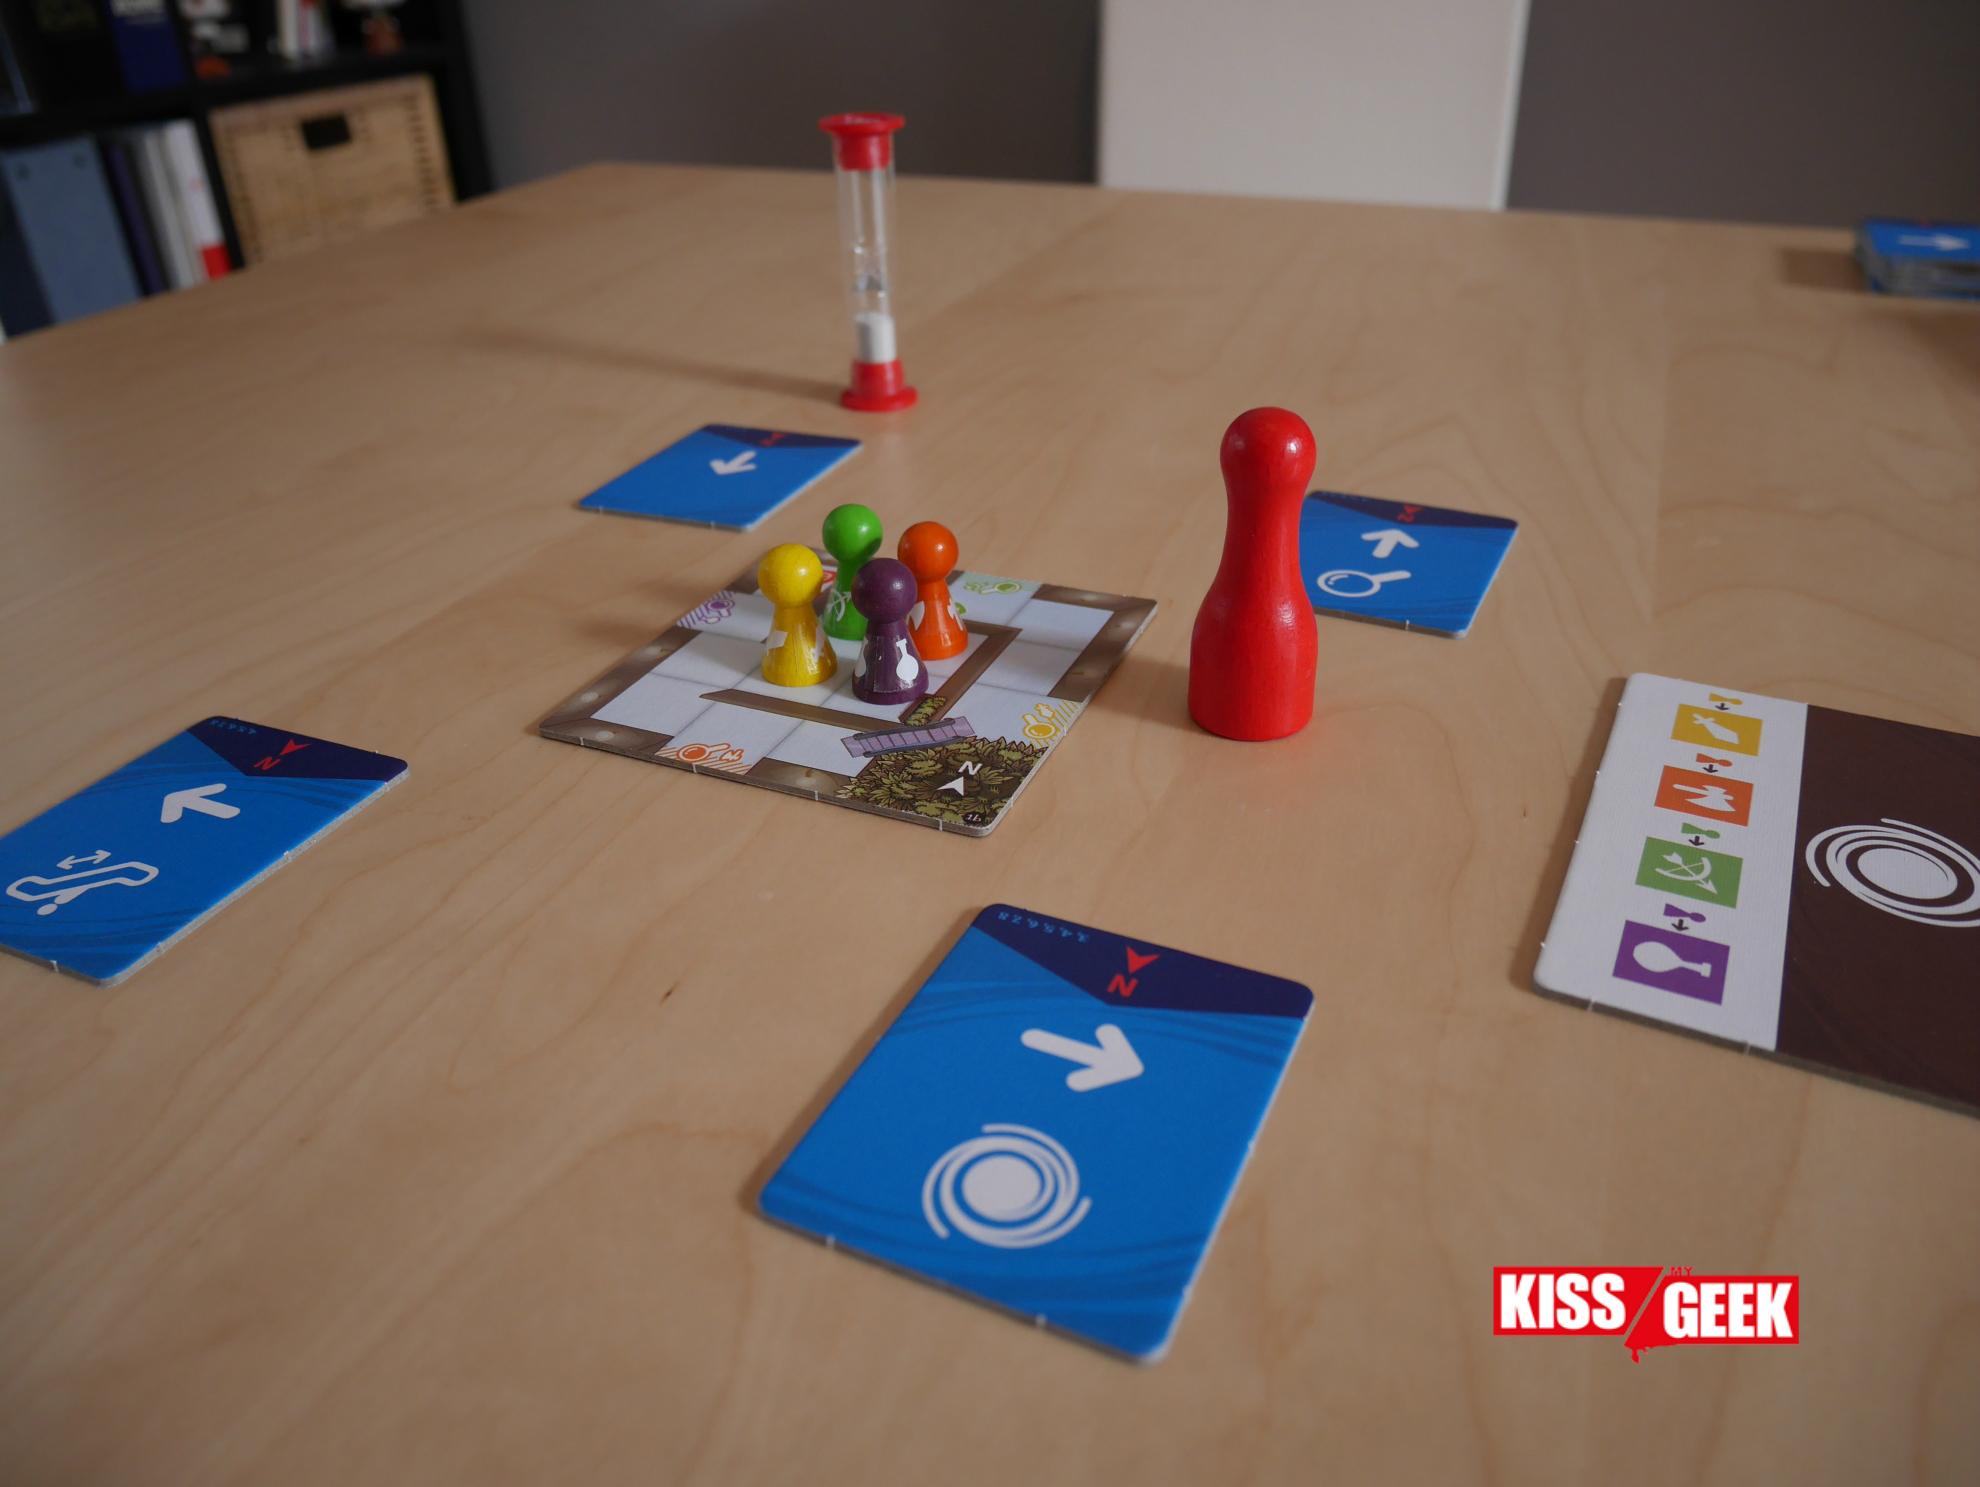 Le jeu est en place pour une partie à 4. A vos marques... Prêts... Partez !